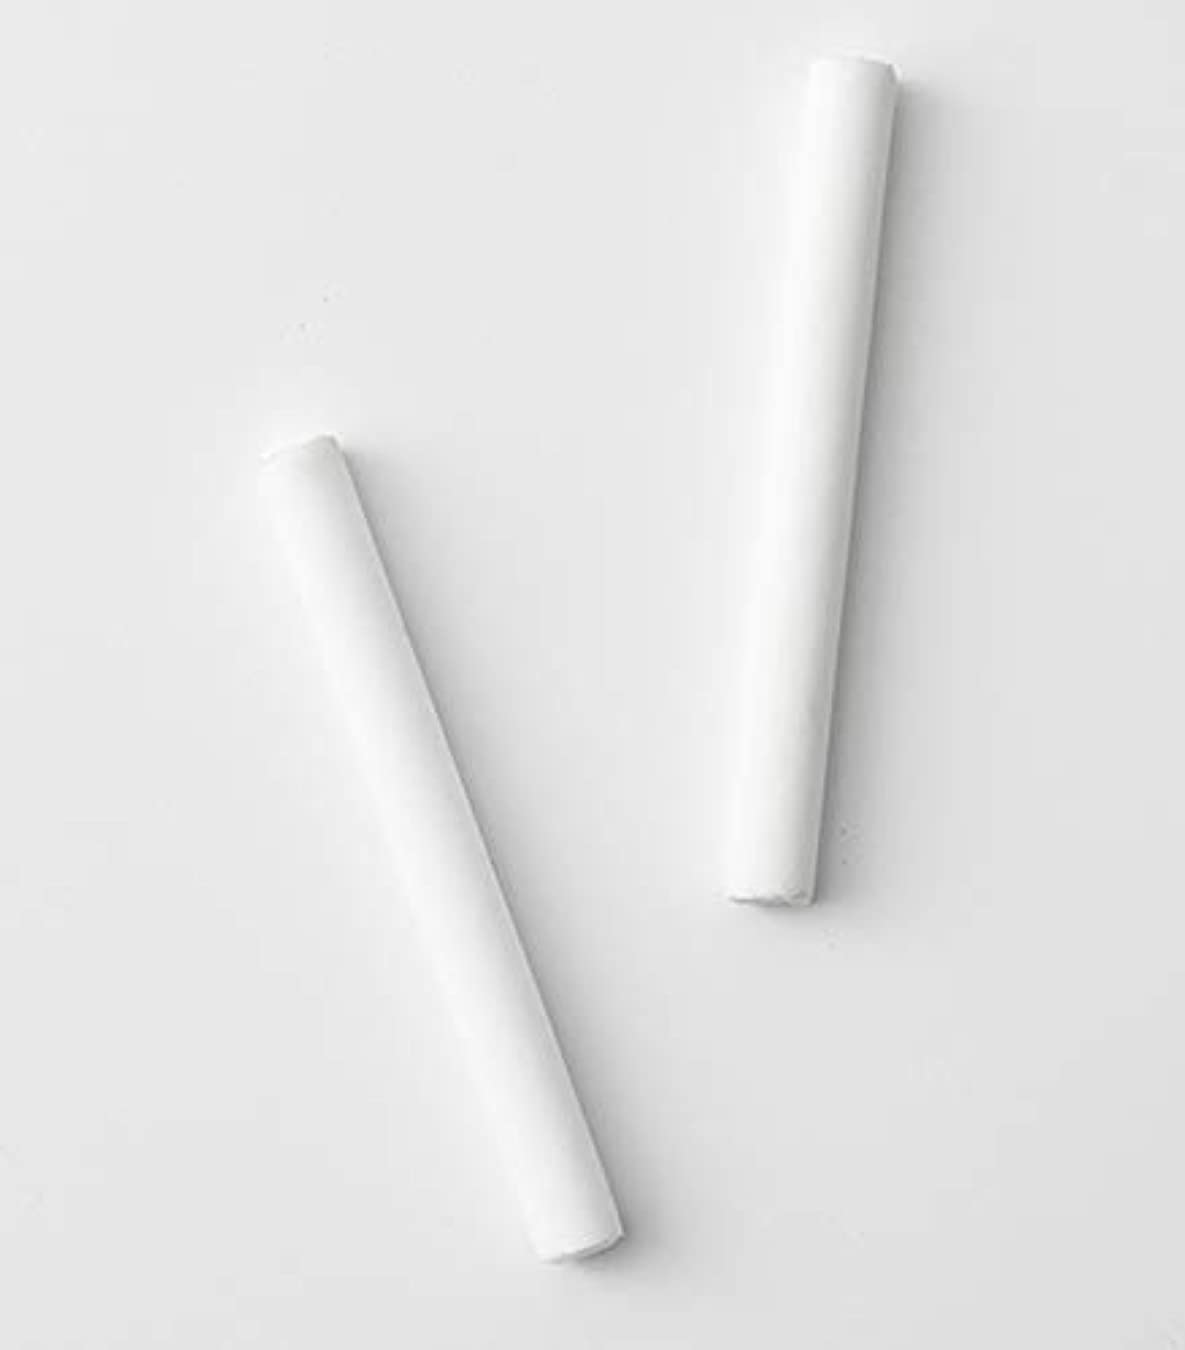 ディレクトリ薬スケルトン生活の木 アロマクリップ 車用 替え芯2本 (シルバー?ゴールド共用)